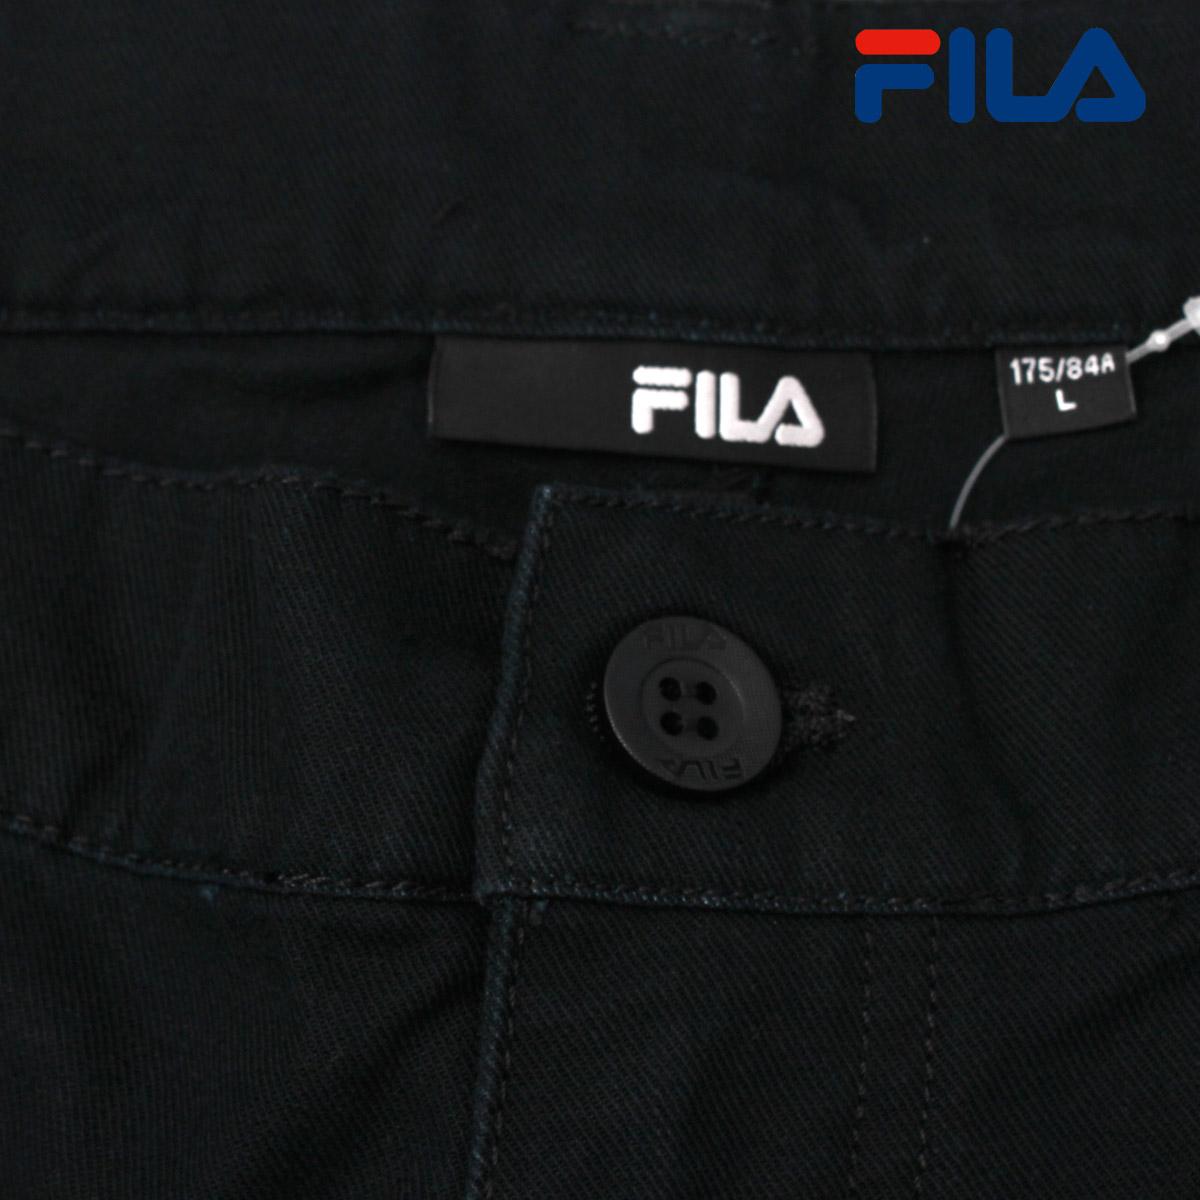 Спортивные шорты Fila 25129302/3 25129302-3 Для мужчин Молния 100 хлопок Шорты ( выше колена ) Для спорта и отдыха % 100% хлопок